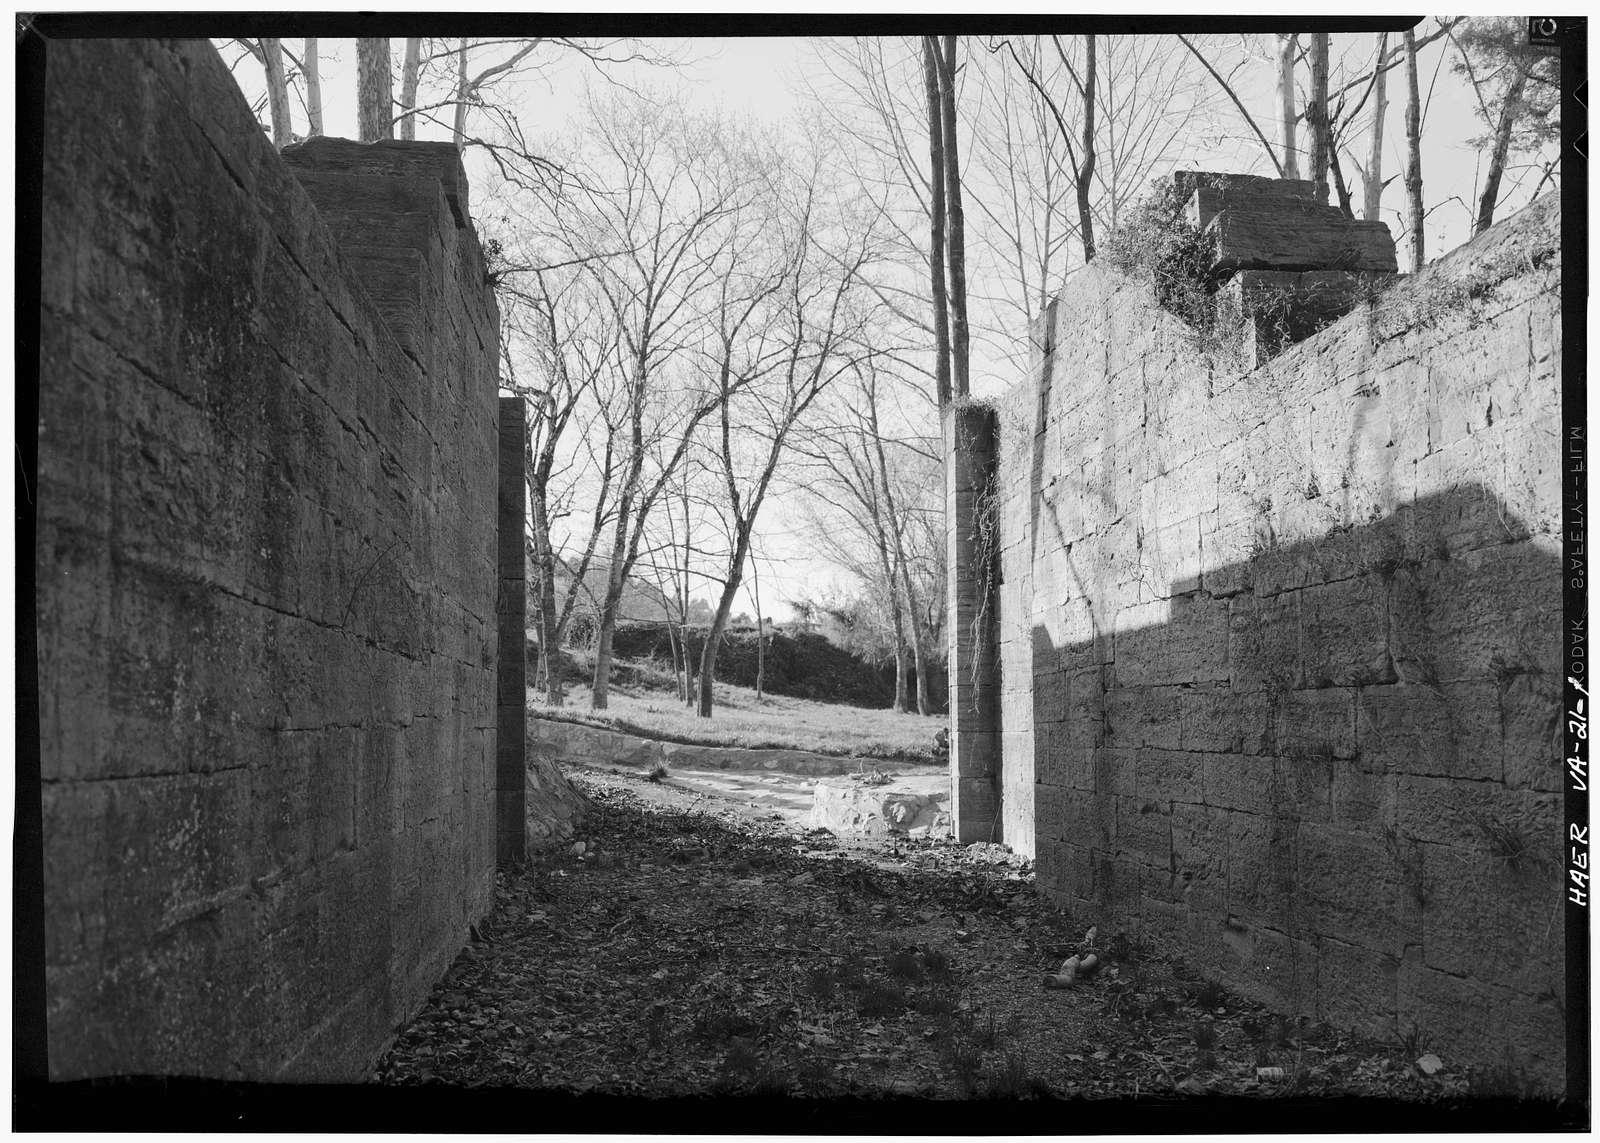 James River & Kanawha Canal, Ben Salem Lock, Maury River, Lexington, Lexington, VA